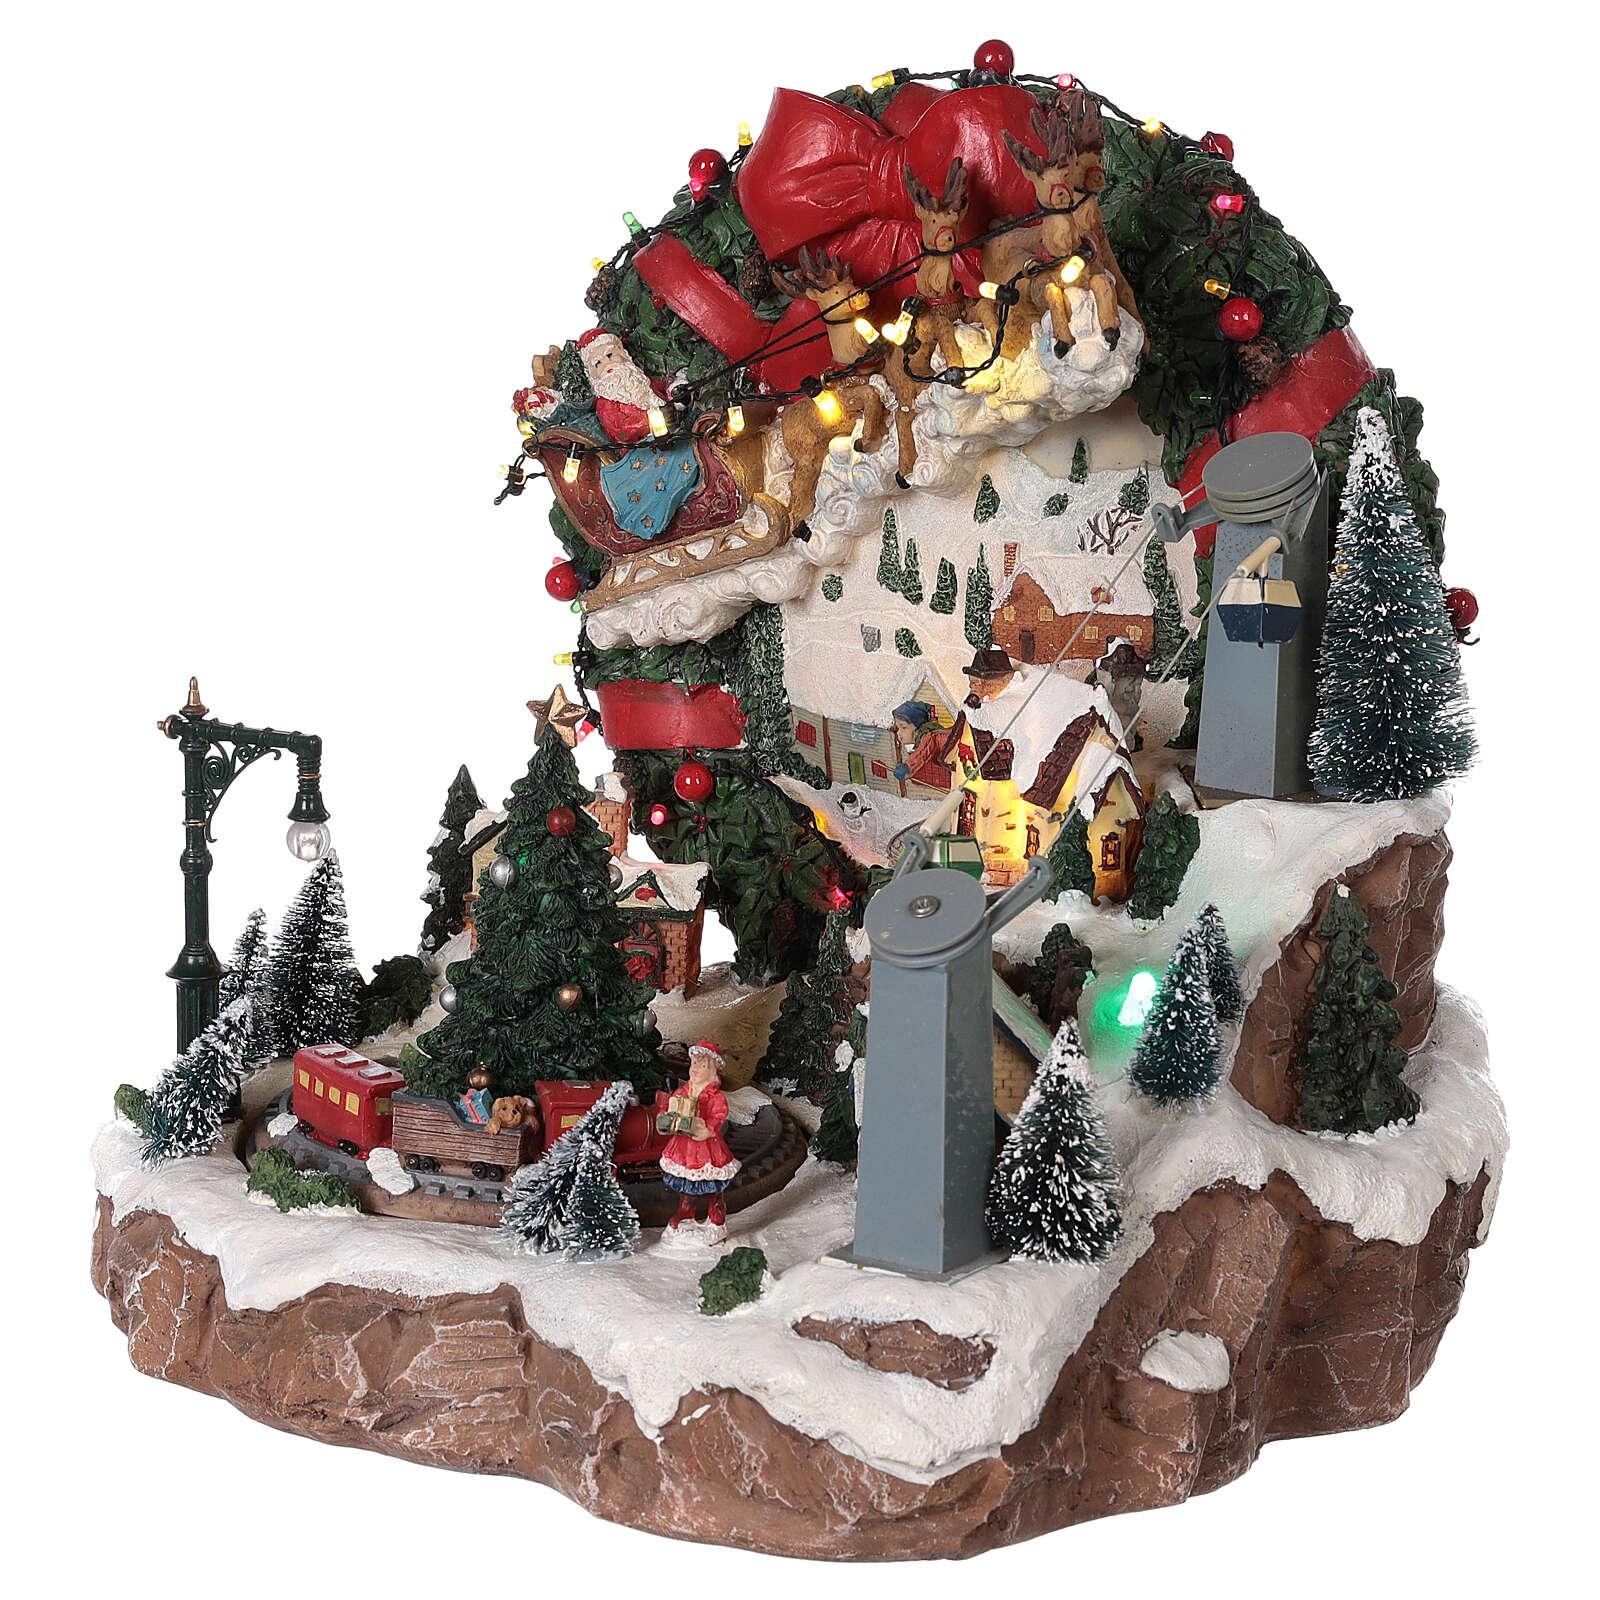 Weihnachtsdorf mit Weihnachtsmann und Rentierschlitten, 30x30x30 cm 3